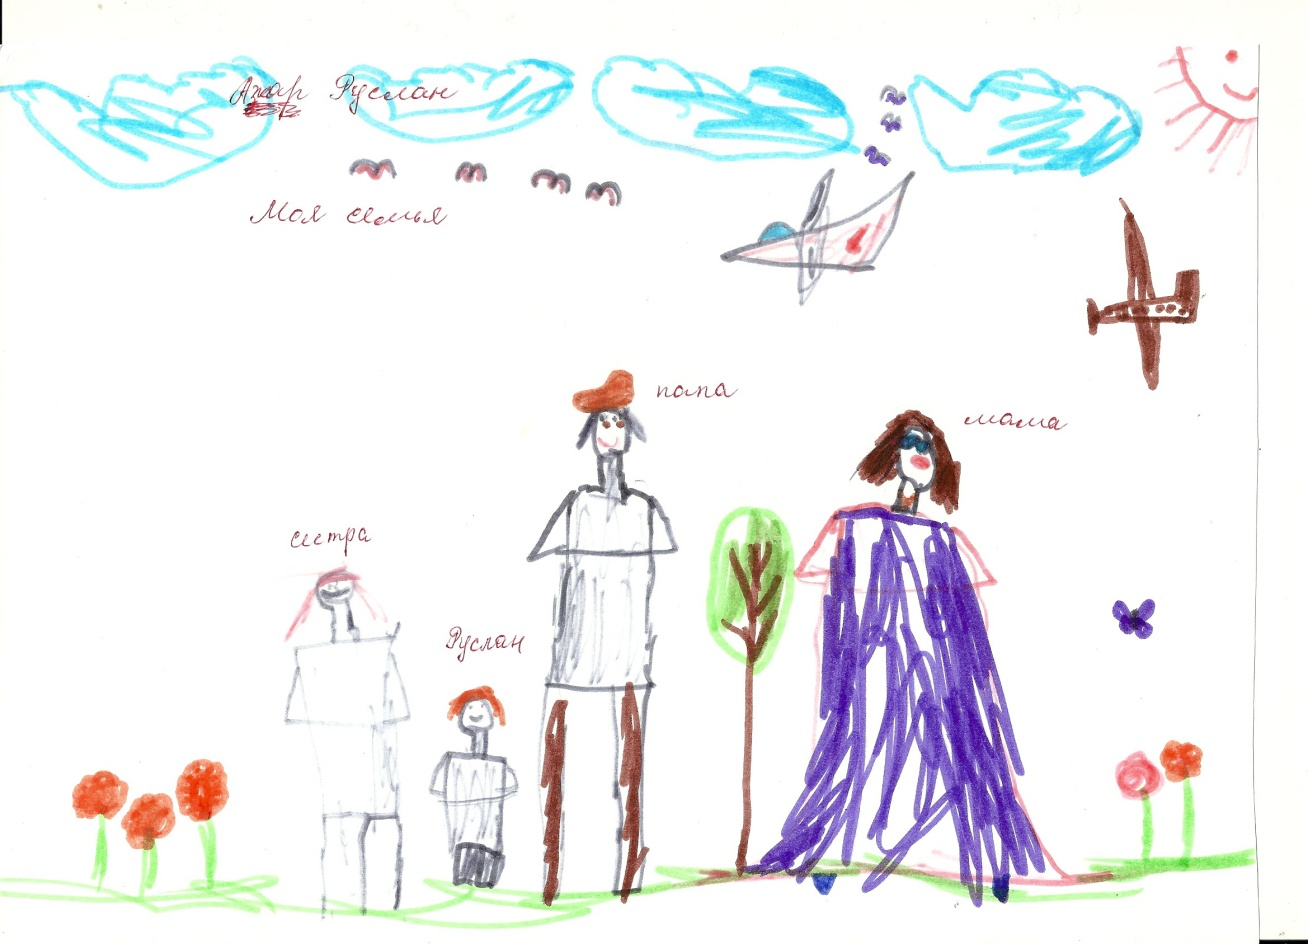 C:\Users\NecroS\Pictures\Мои сканированные изображения\2013-05 (май) Моя семья рисунки детей\сканирование0010.jpg